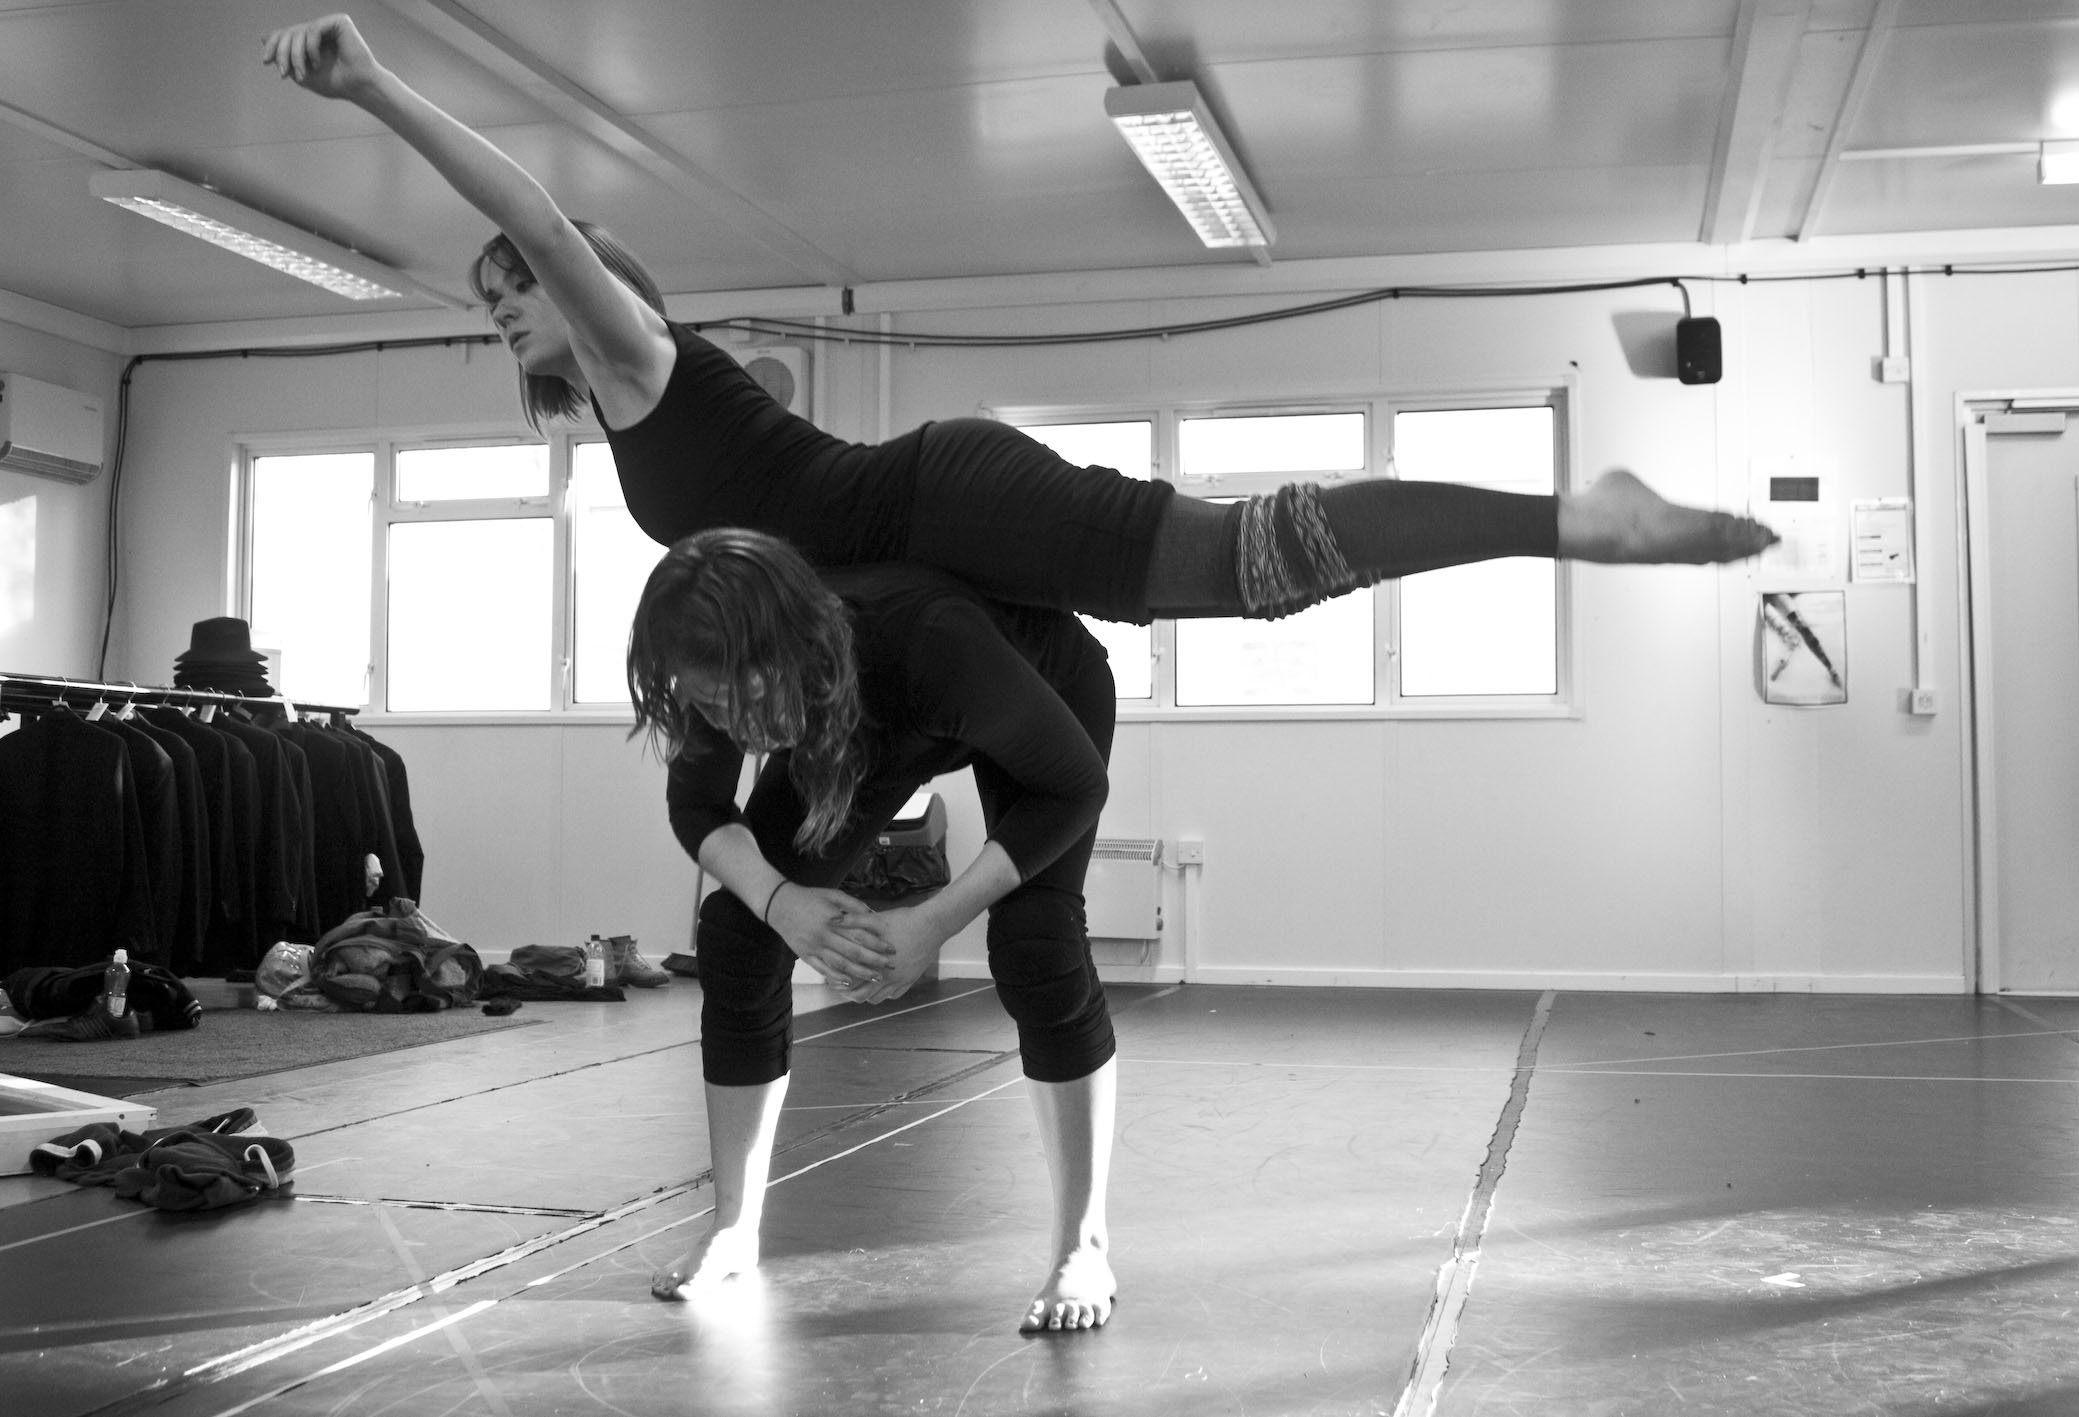 https://www.danceahead.co.uk/wp-content/uploads/2018/05/Floored-2.jpg